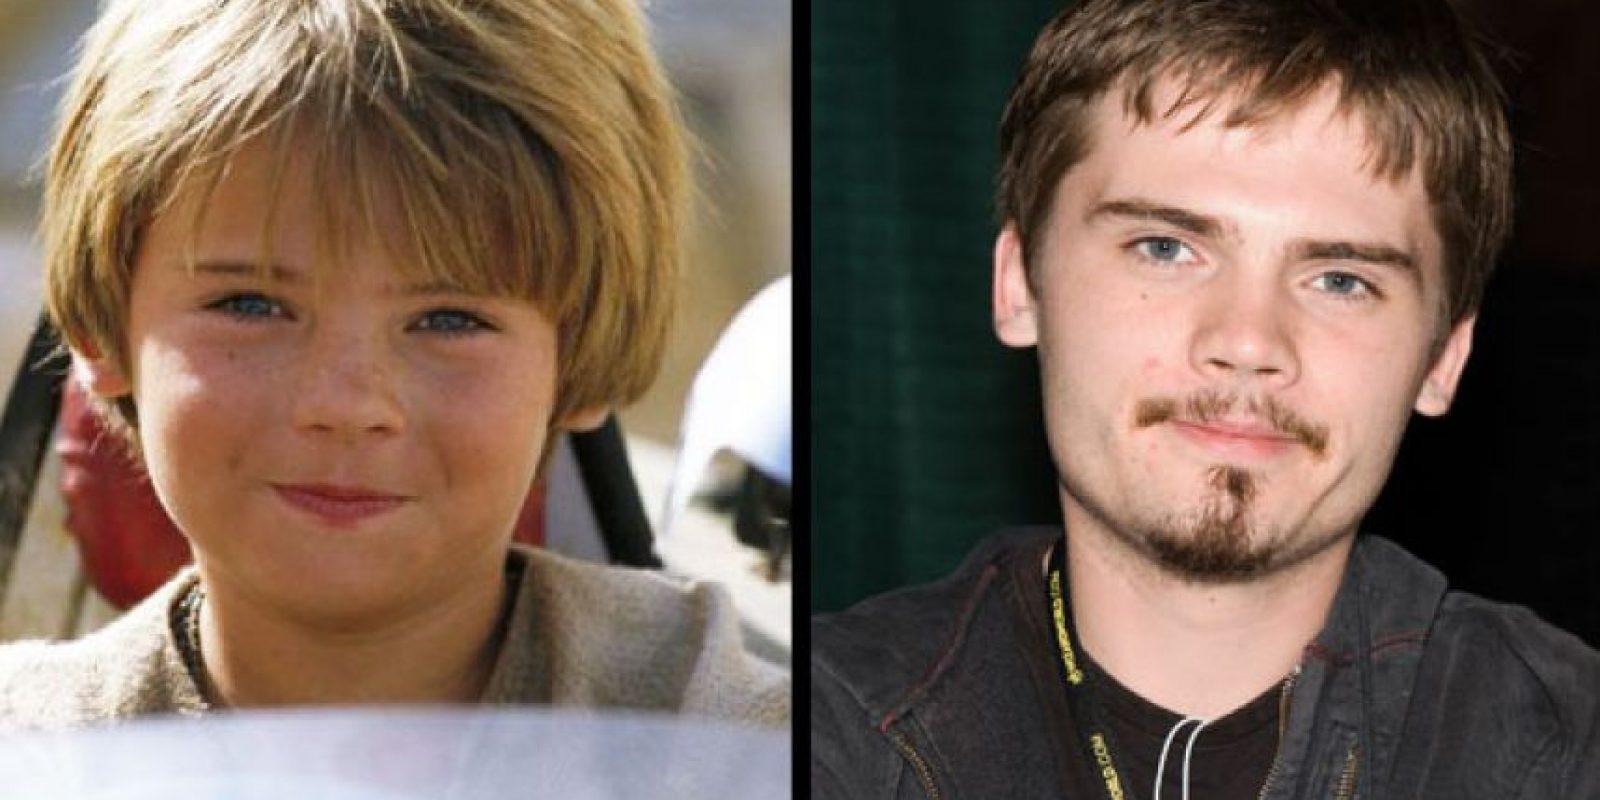 Jake Lloyd interpretó al pequeño Anakin Skywalker. Se retiró de la actuación en 2012 y reveló el bullying que le hicieron en el colegio por el papel. Foto: TheHollywoodReporter